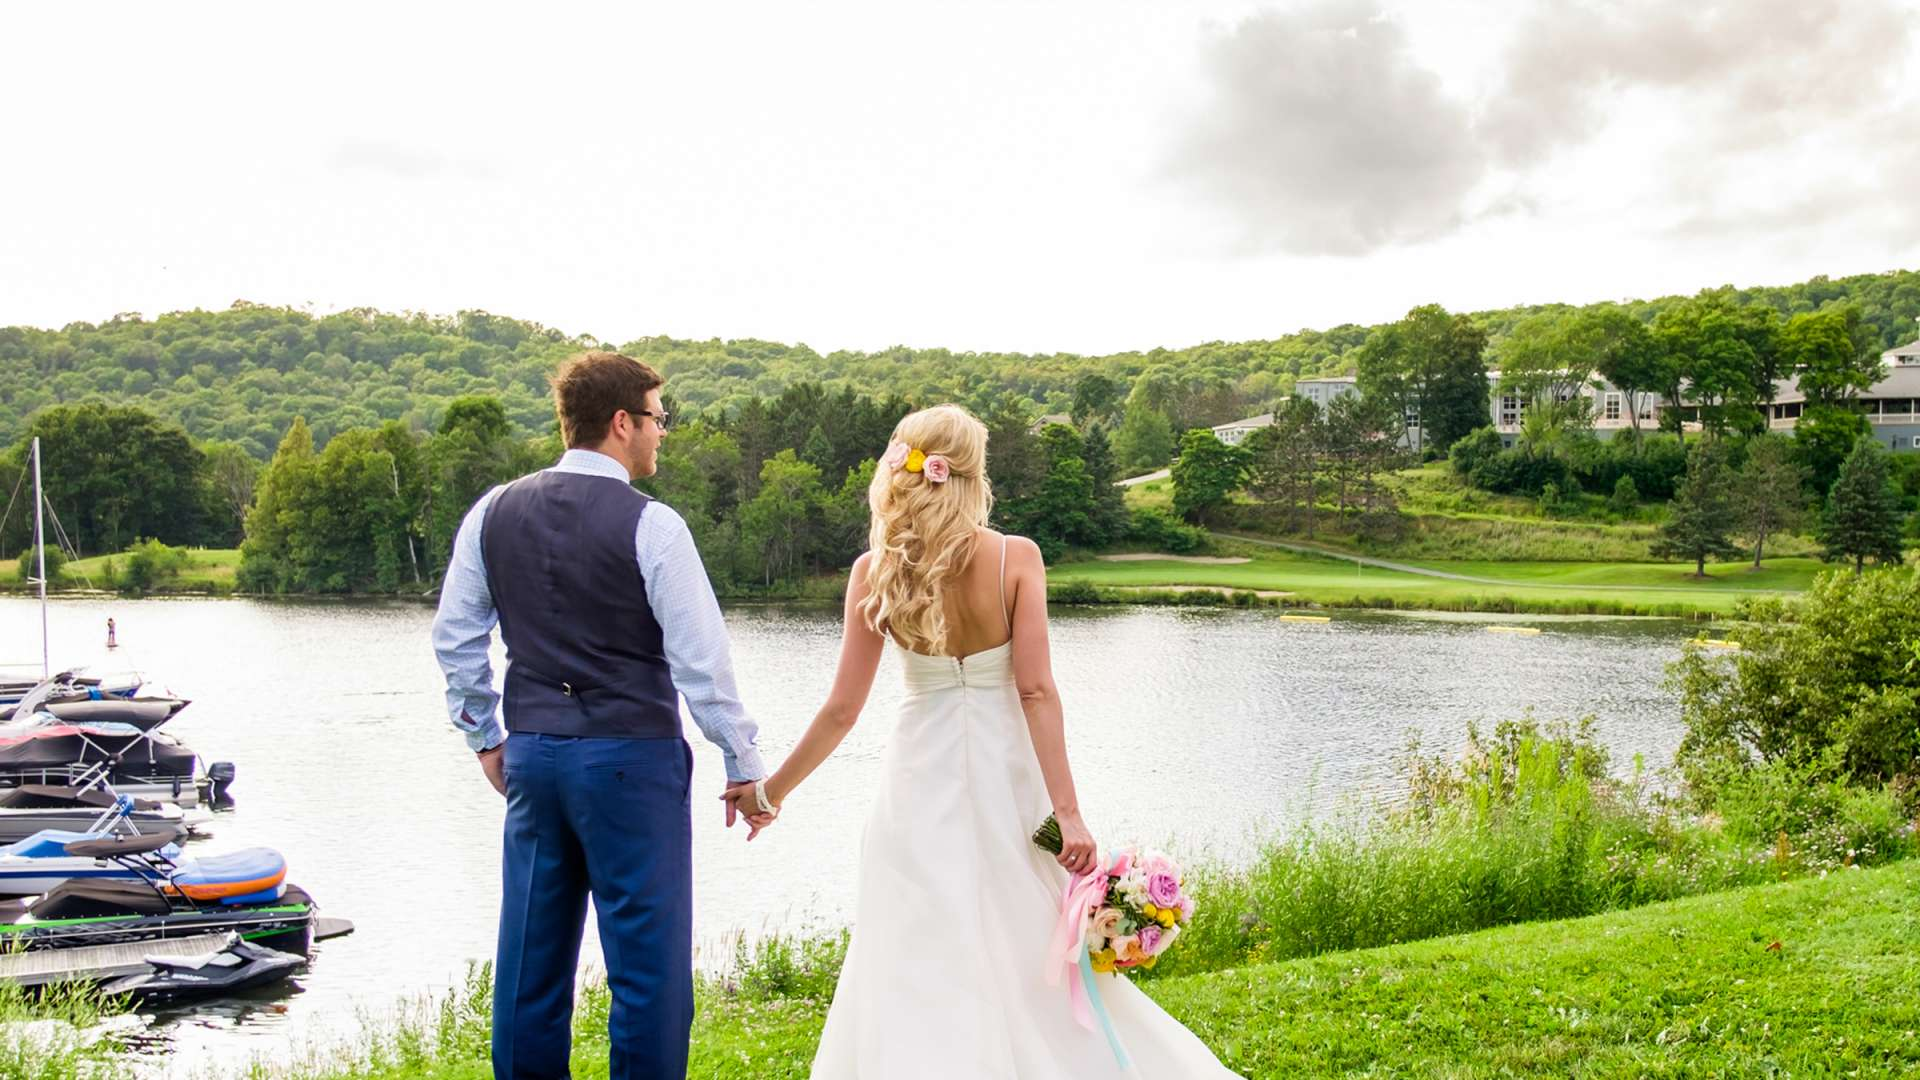 Weddings at Deerhurst Resort